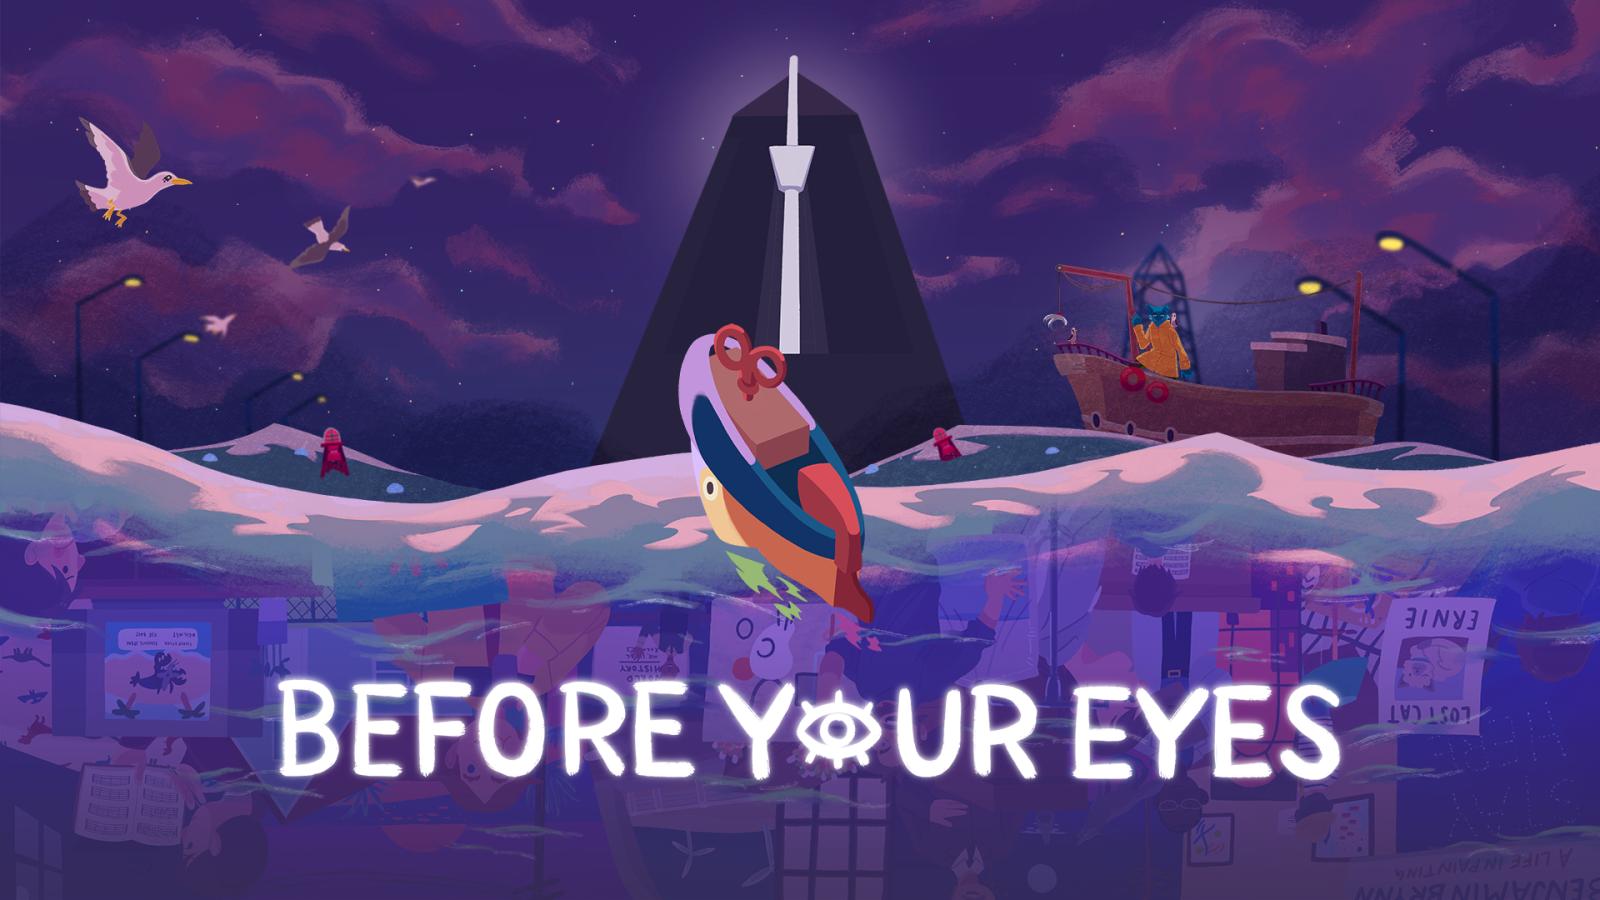 情感叙事冒险游戏《历历在目》将于明天登陆PC平台